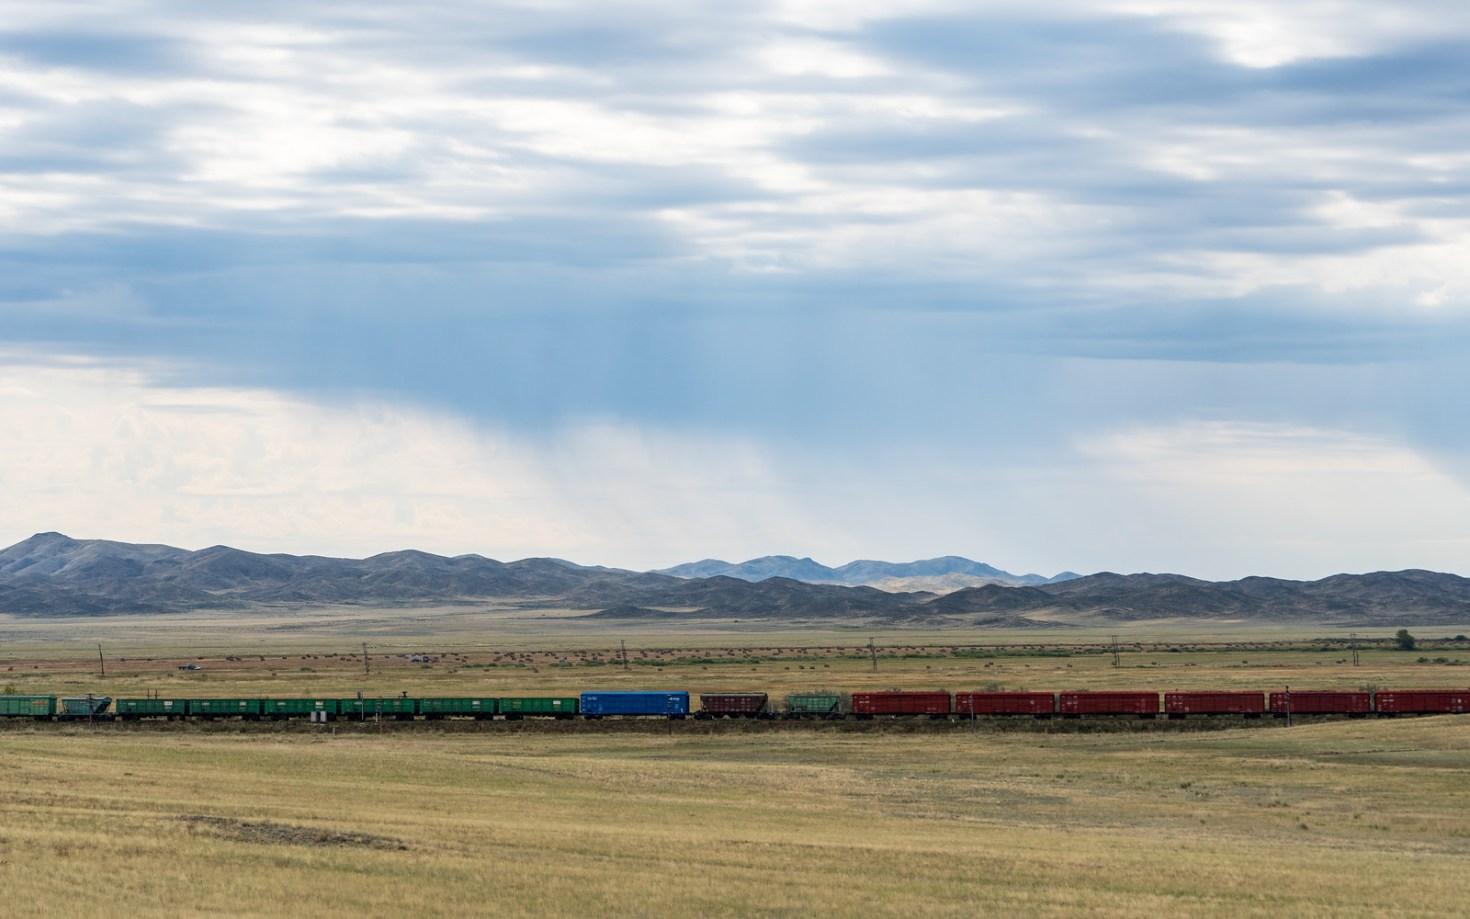 Train through the Kazakh steppe